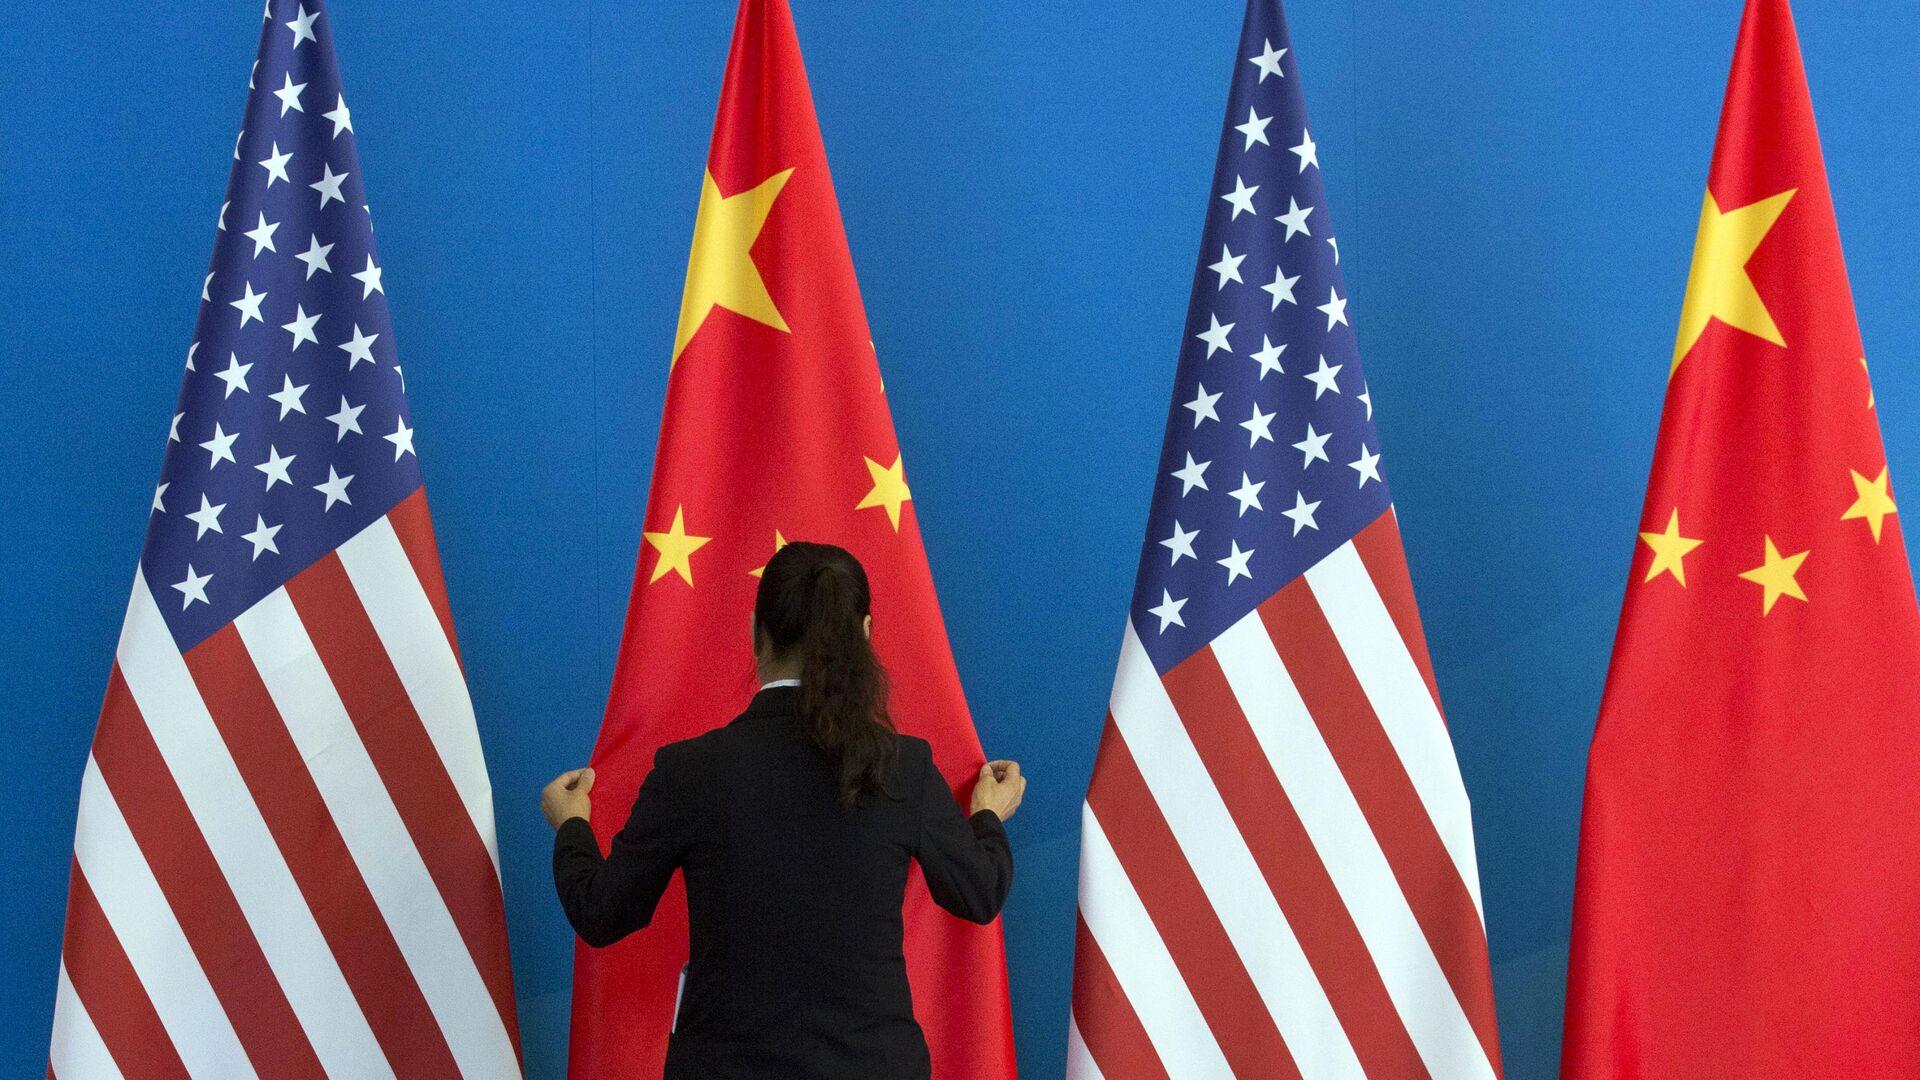 Bandiera USA e Cina - Sputnik Italia, 1920, 24.06.2021